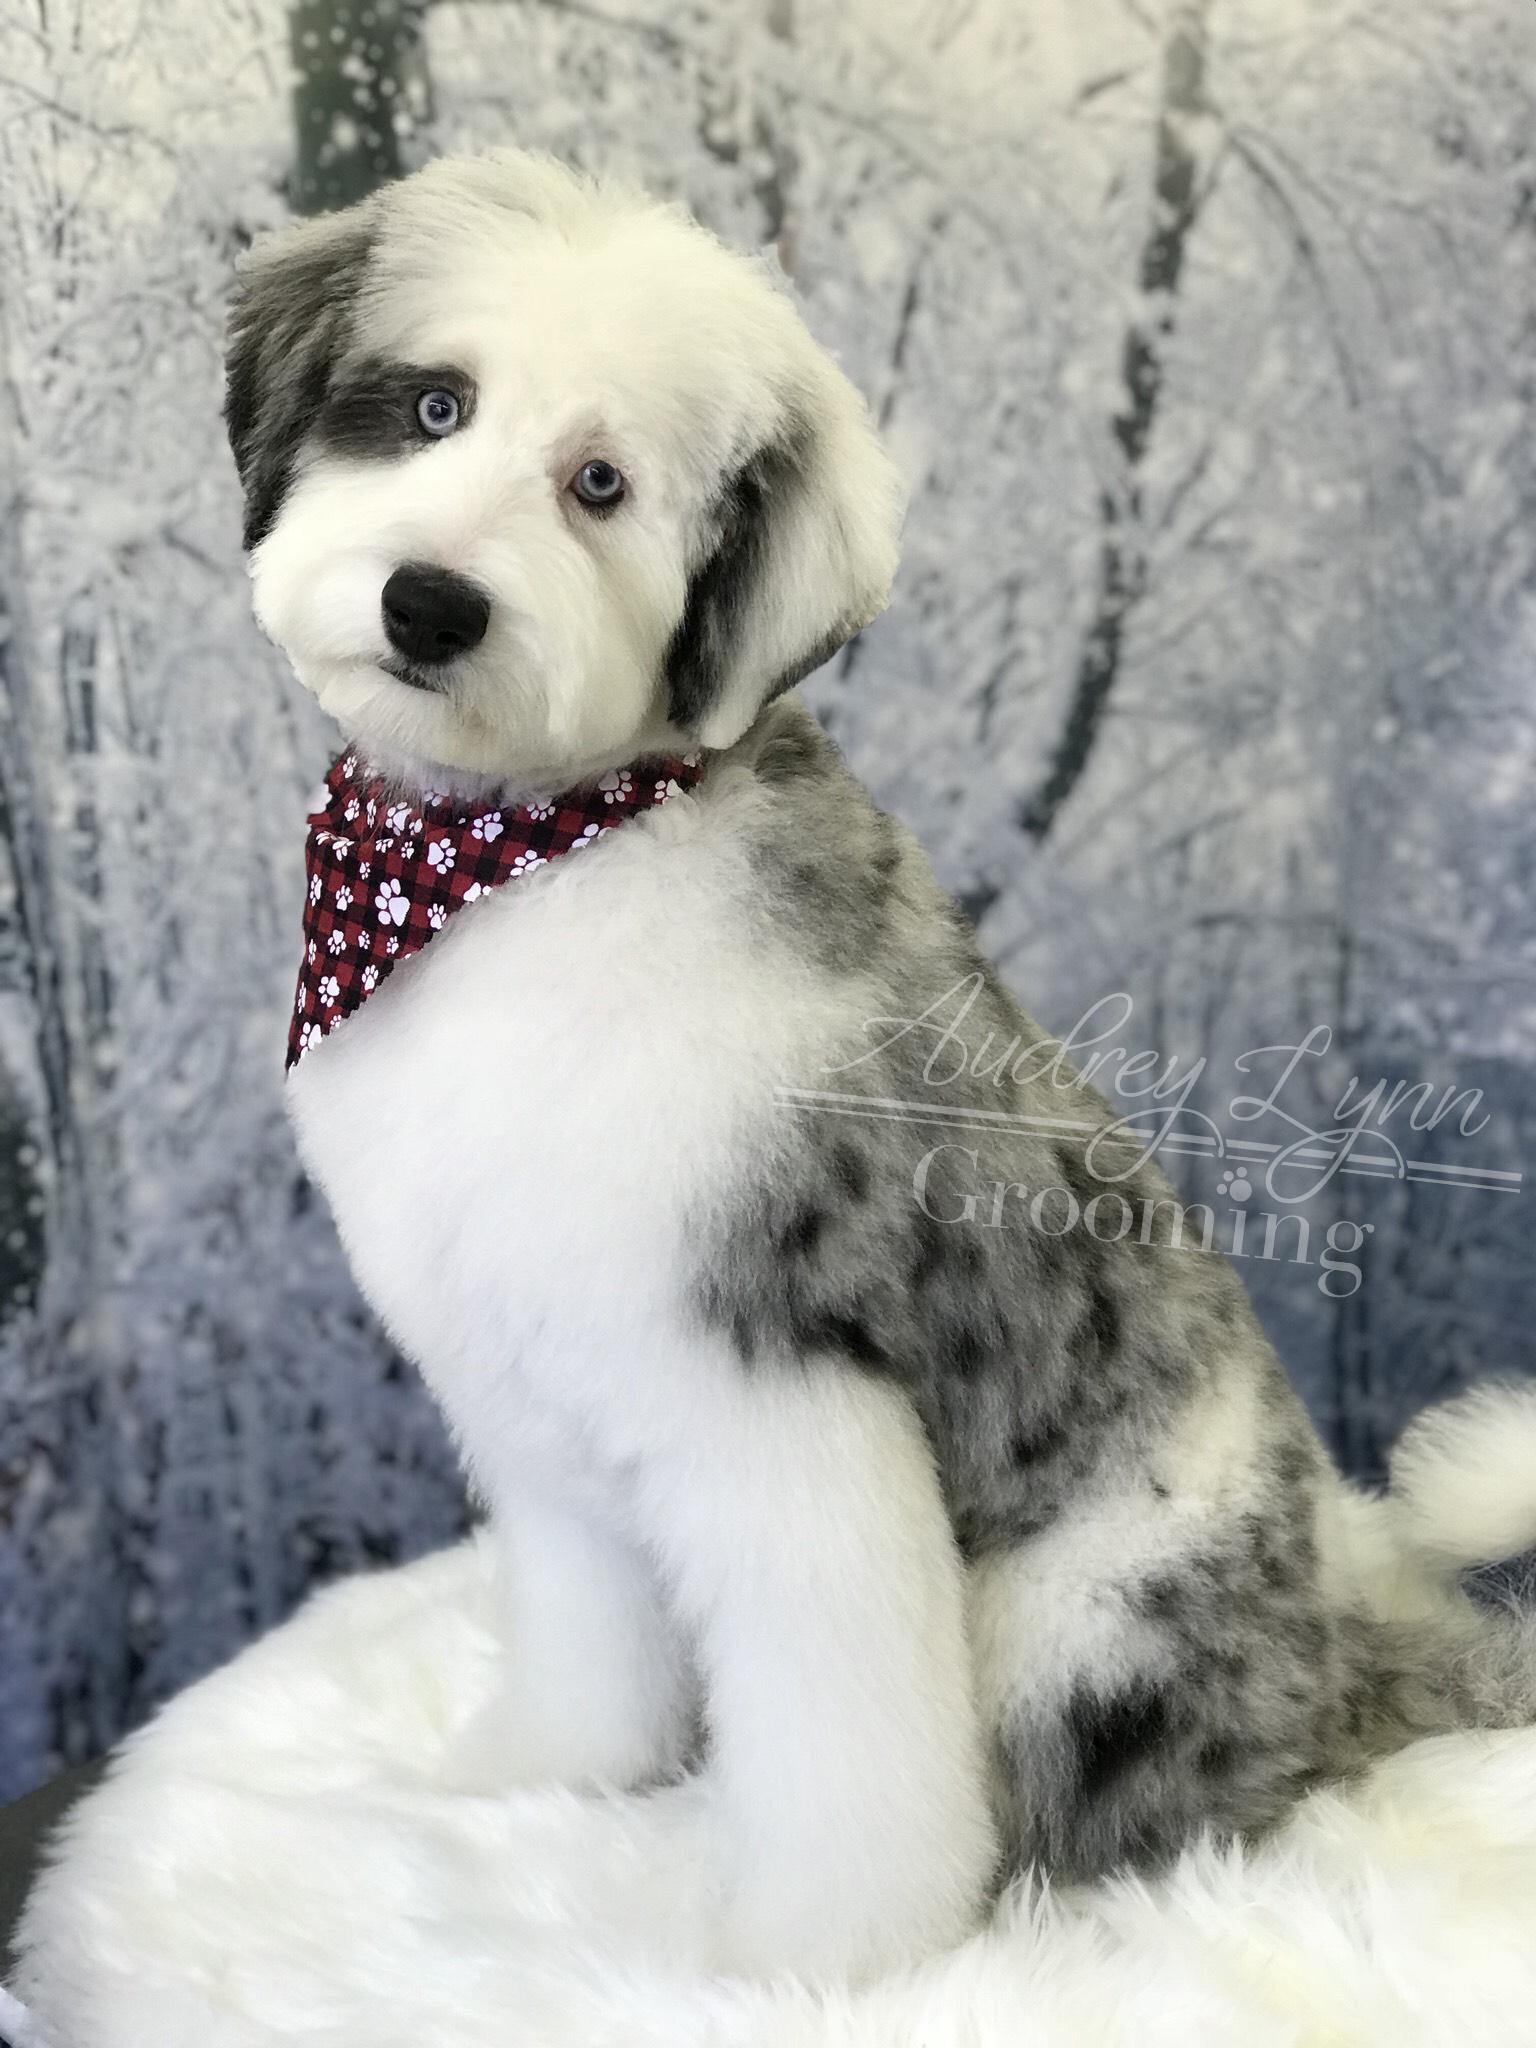 Pupper 31